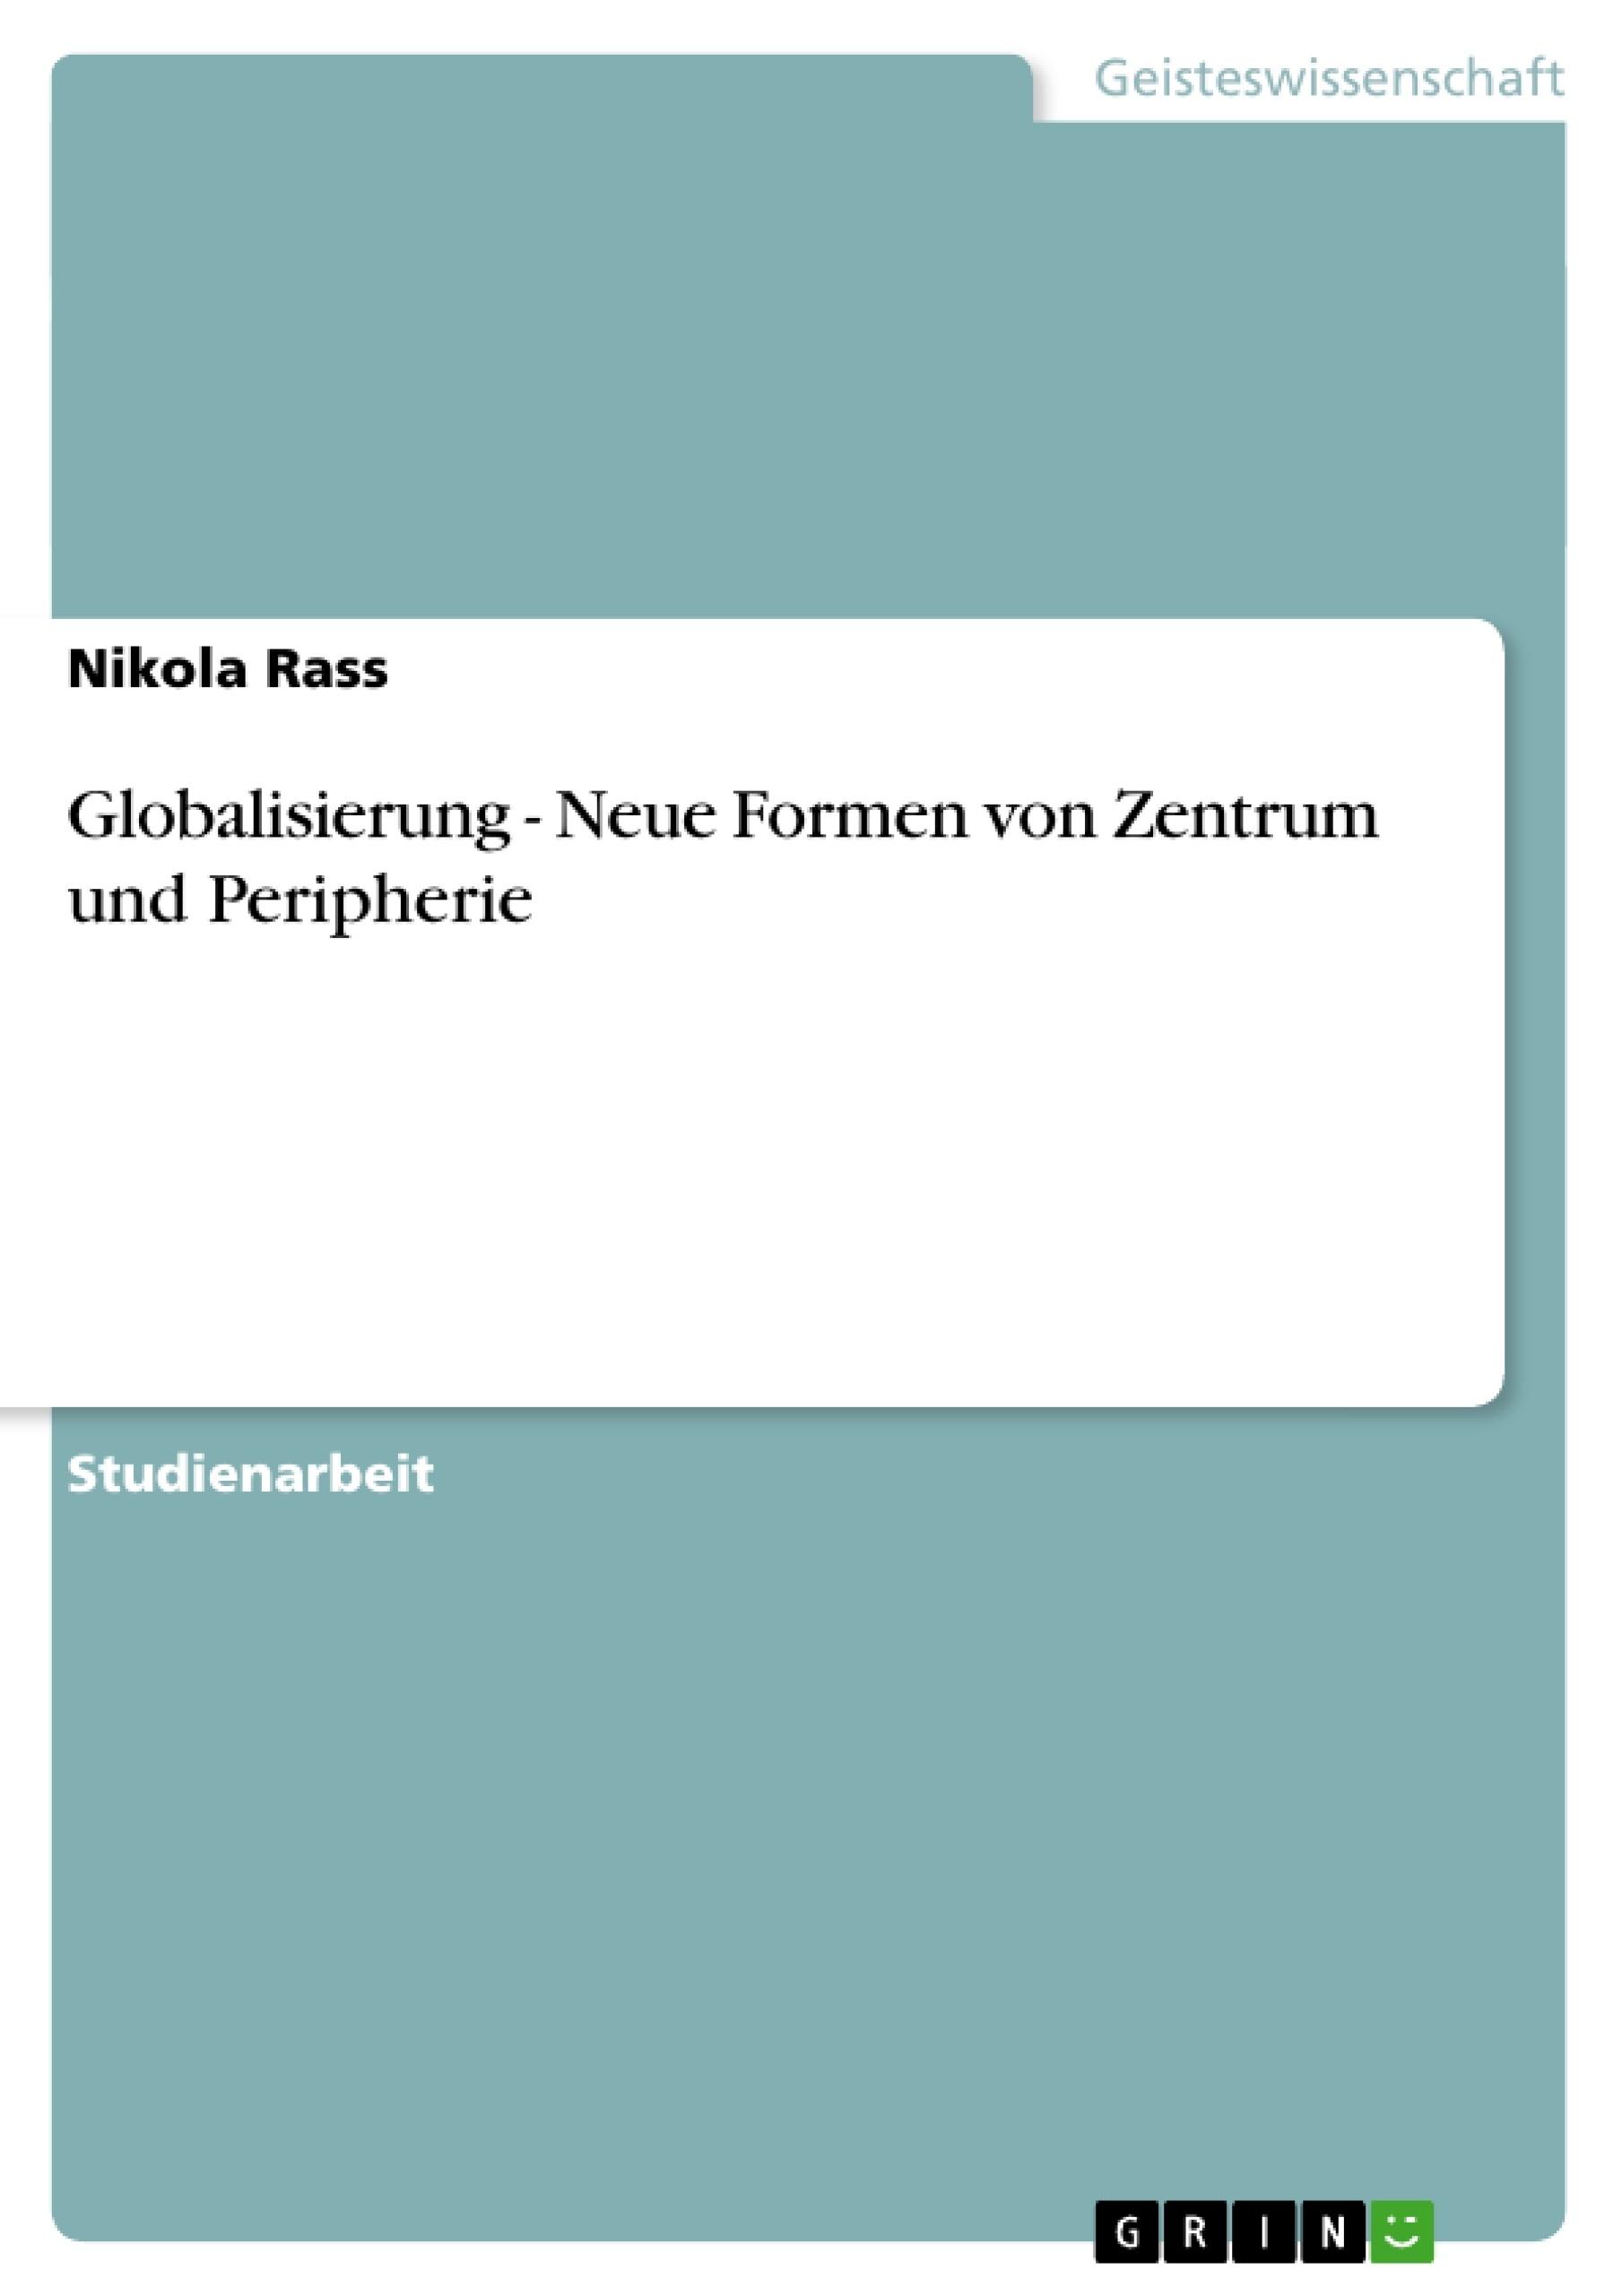 Titel: Globalisierung - Neue Formen von Zentrum und Peripherie